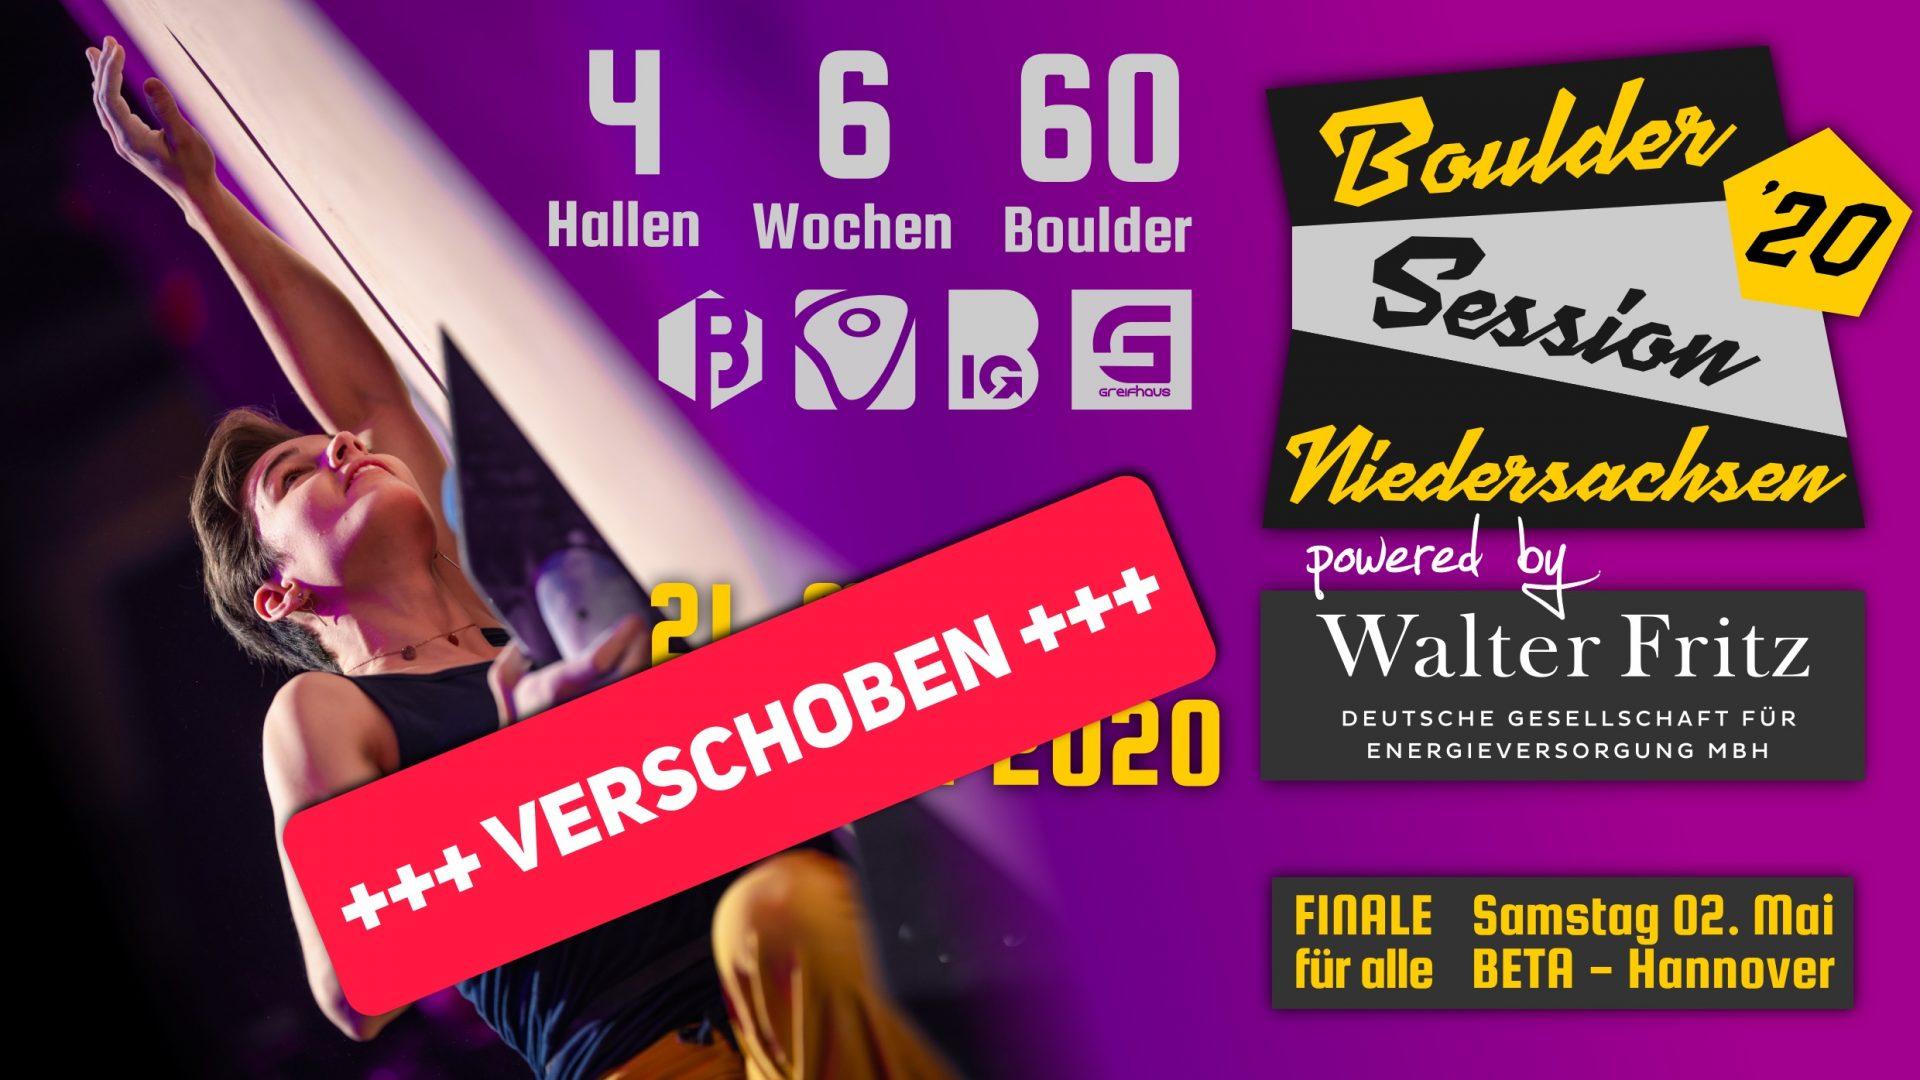 Boulder Session Niedersachsen 2020